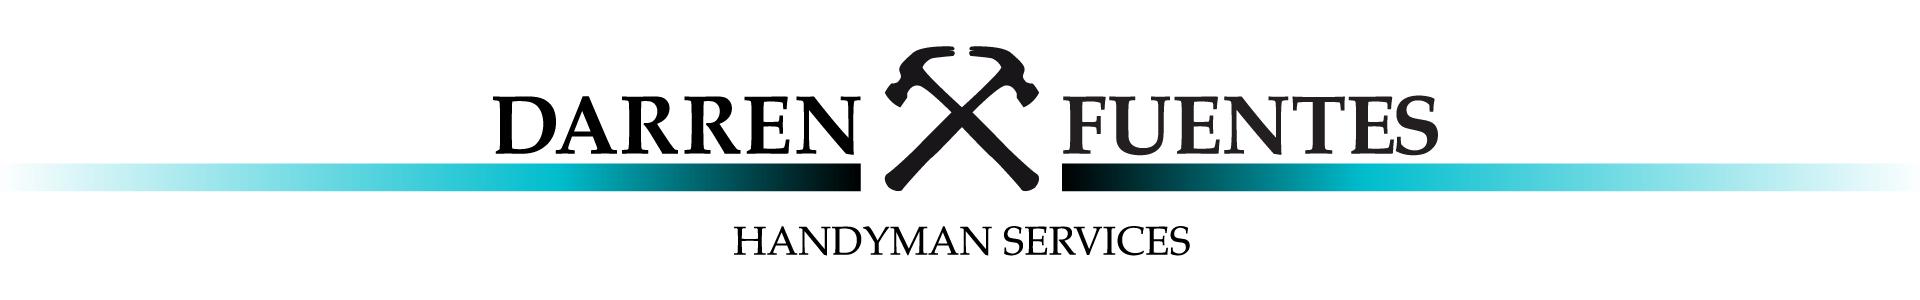 Darren Fuentes handyman Services Logo